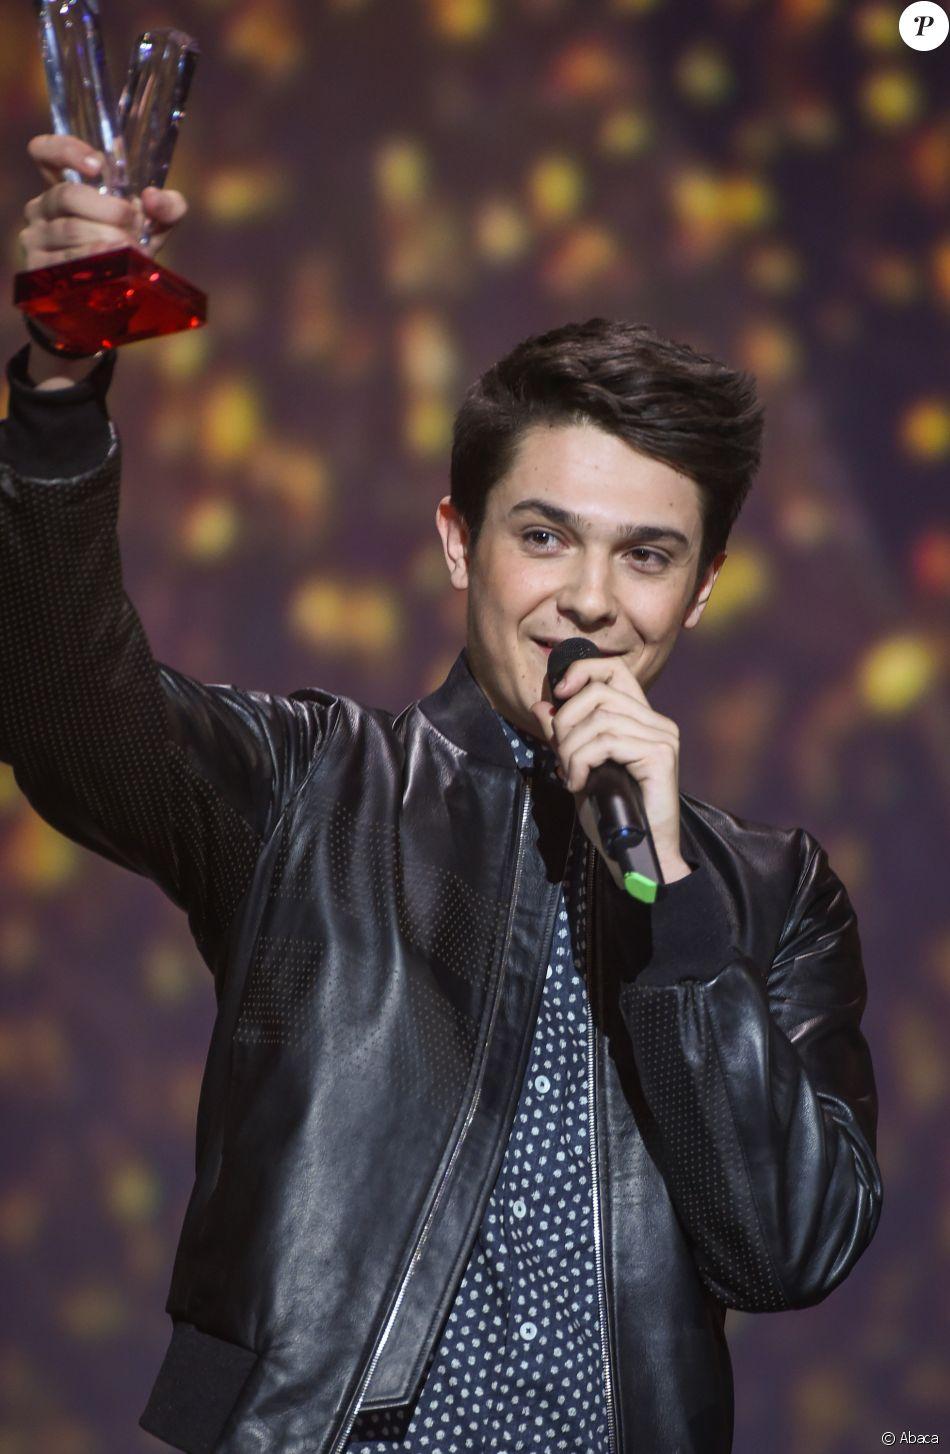 Kungs (Valentin Brunel), 20 ans, a reçu le 10 février 2017 la Victoire de la Musique de l'album de musique électronique ou dance lors de la 32e édition de la cérémonie.